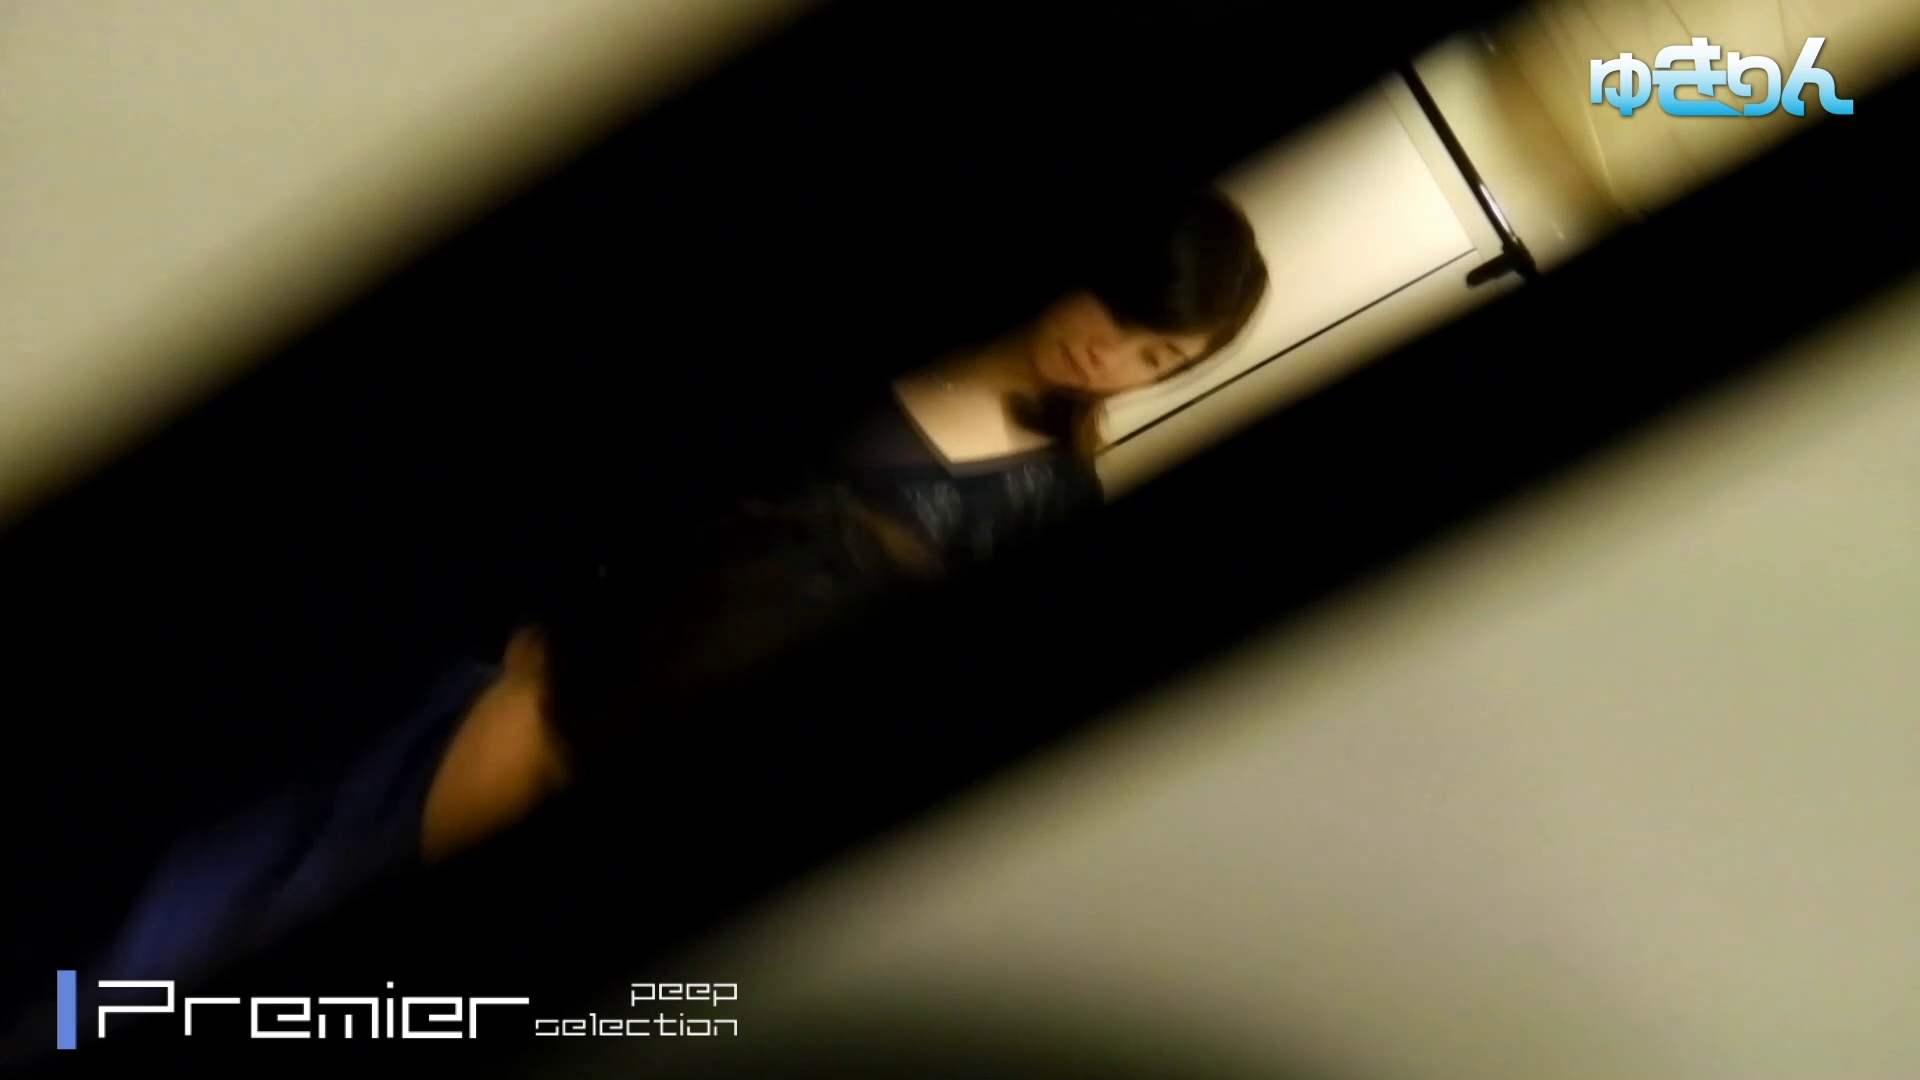 新世界の射窓 No100 祝 記念版!異次元な明るさと技術 無料動画 美肌  72PIX 25